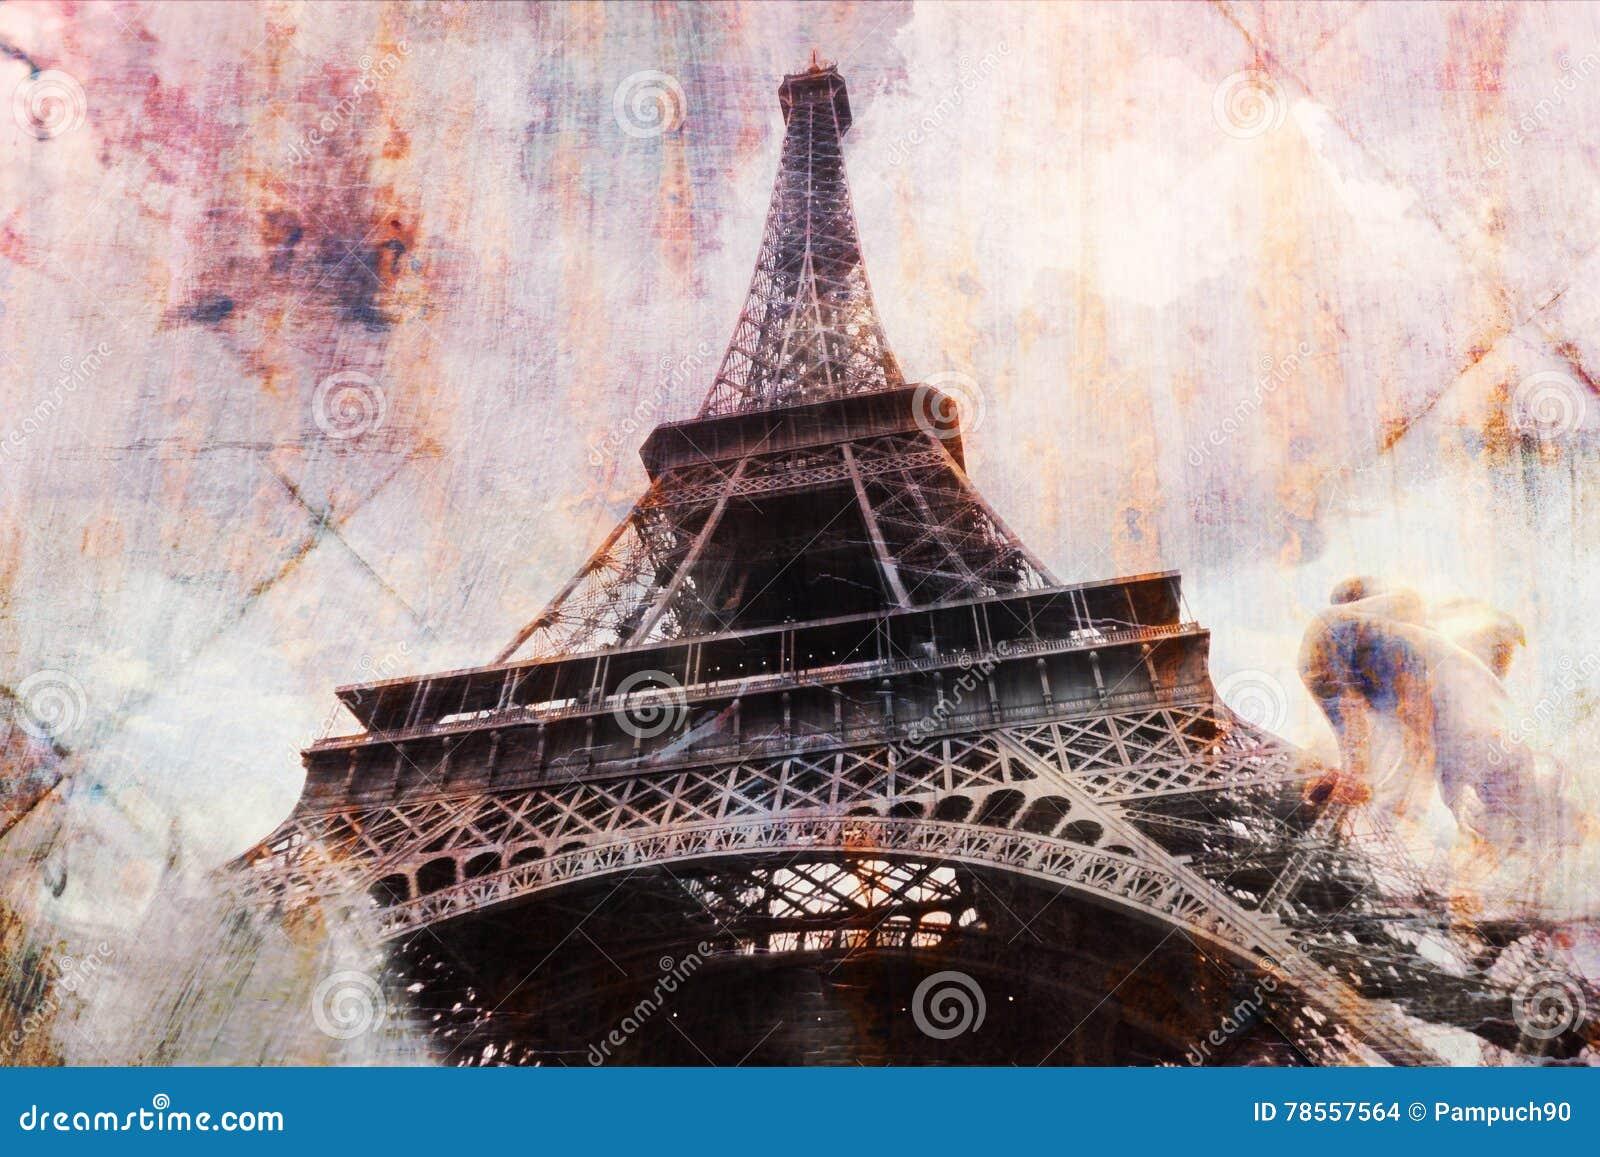 Arte digital abstracto de la torre Eiffel en París, postal del moho de la textura de la teja, alta resolución, imprimible en lona